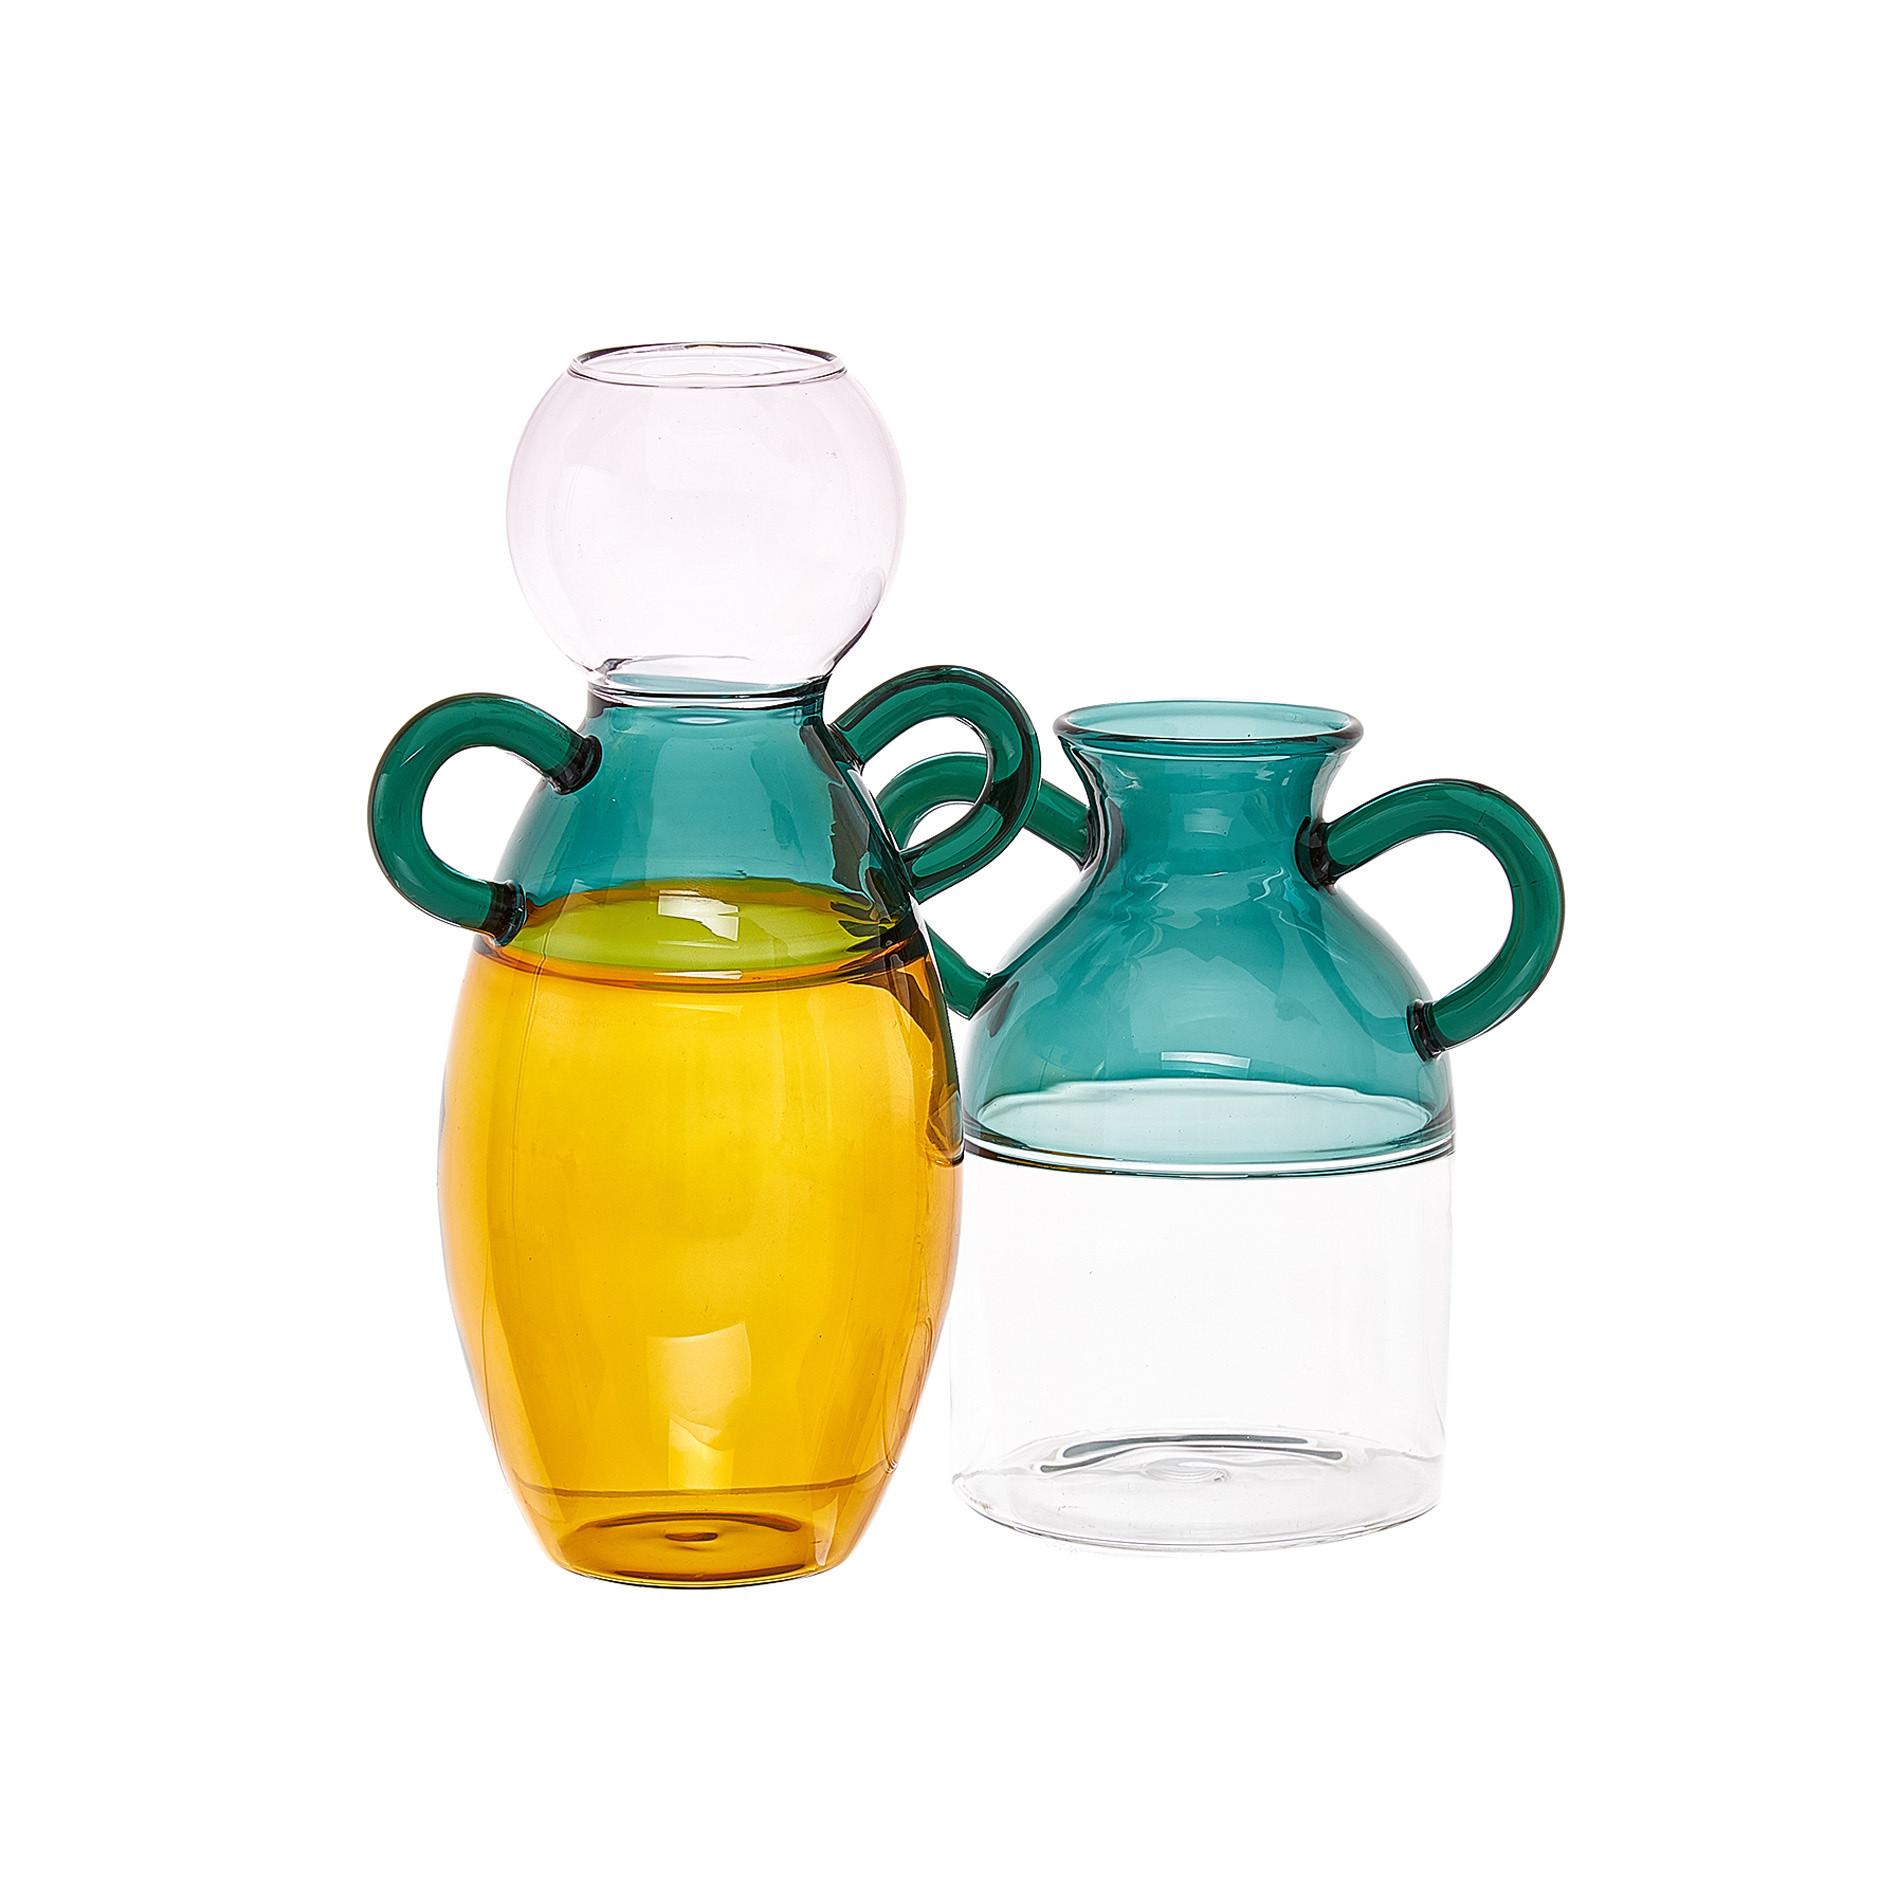 Vaso vetro manici colorati, Trasparente, large image number 1